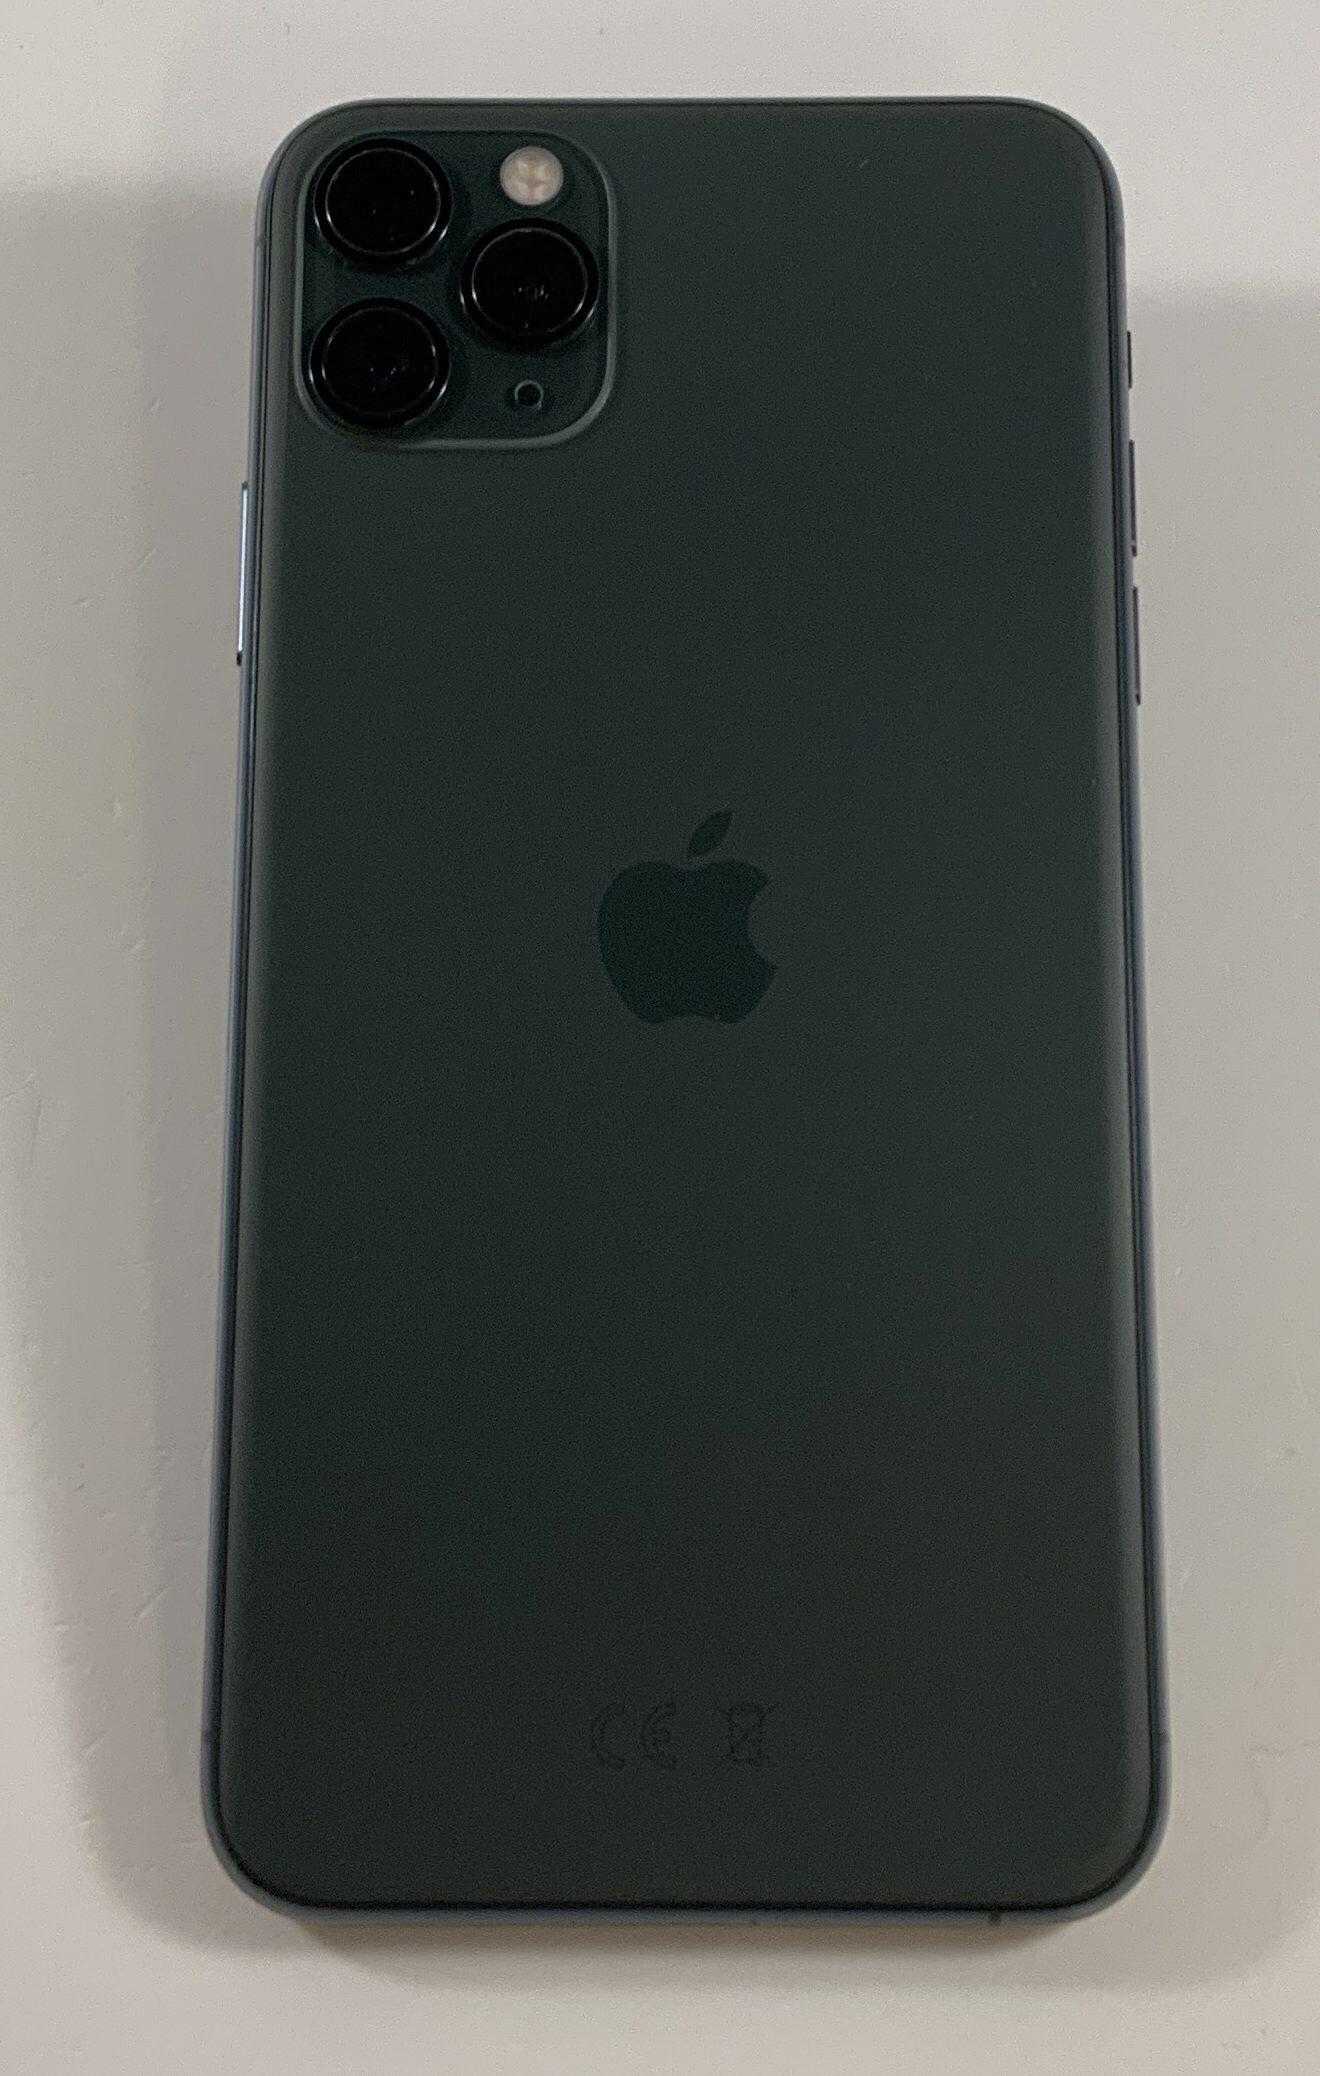 iPhone 11 Pro Max 512GB, 512GB, Midnight Green, bild 2